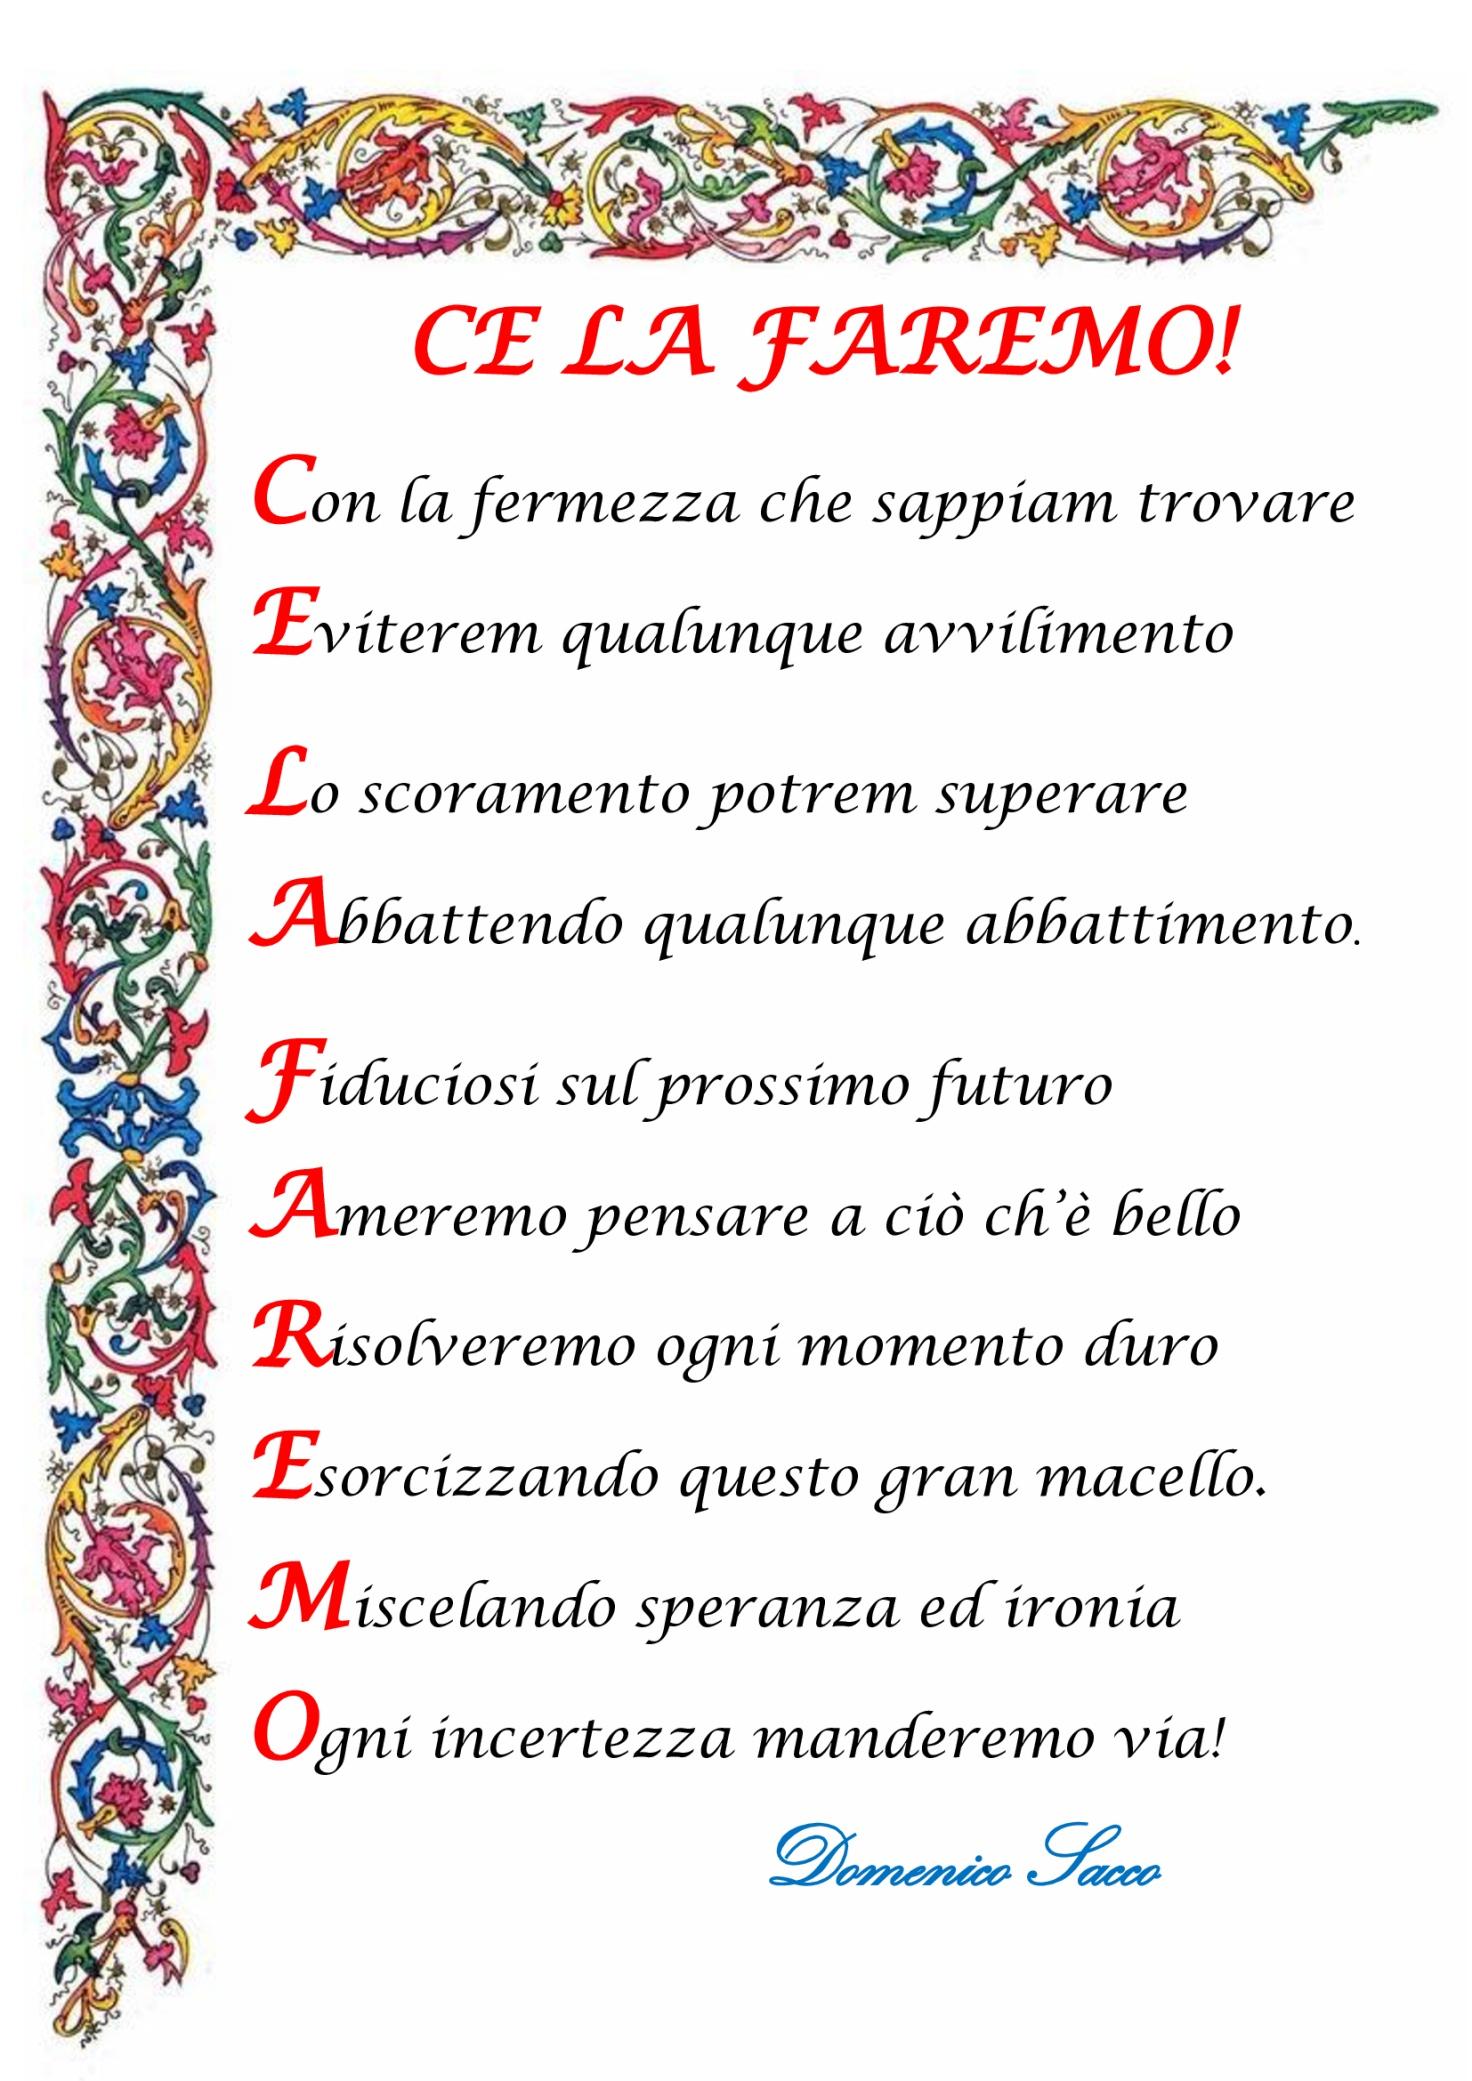 C:\Users\Rossi\Desktop\MARZO 2020\5° serie  Diario\Domenico Sacco 2 CE LA FAREMO.jpg